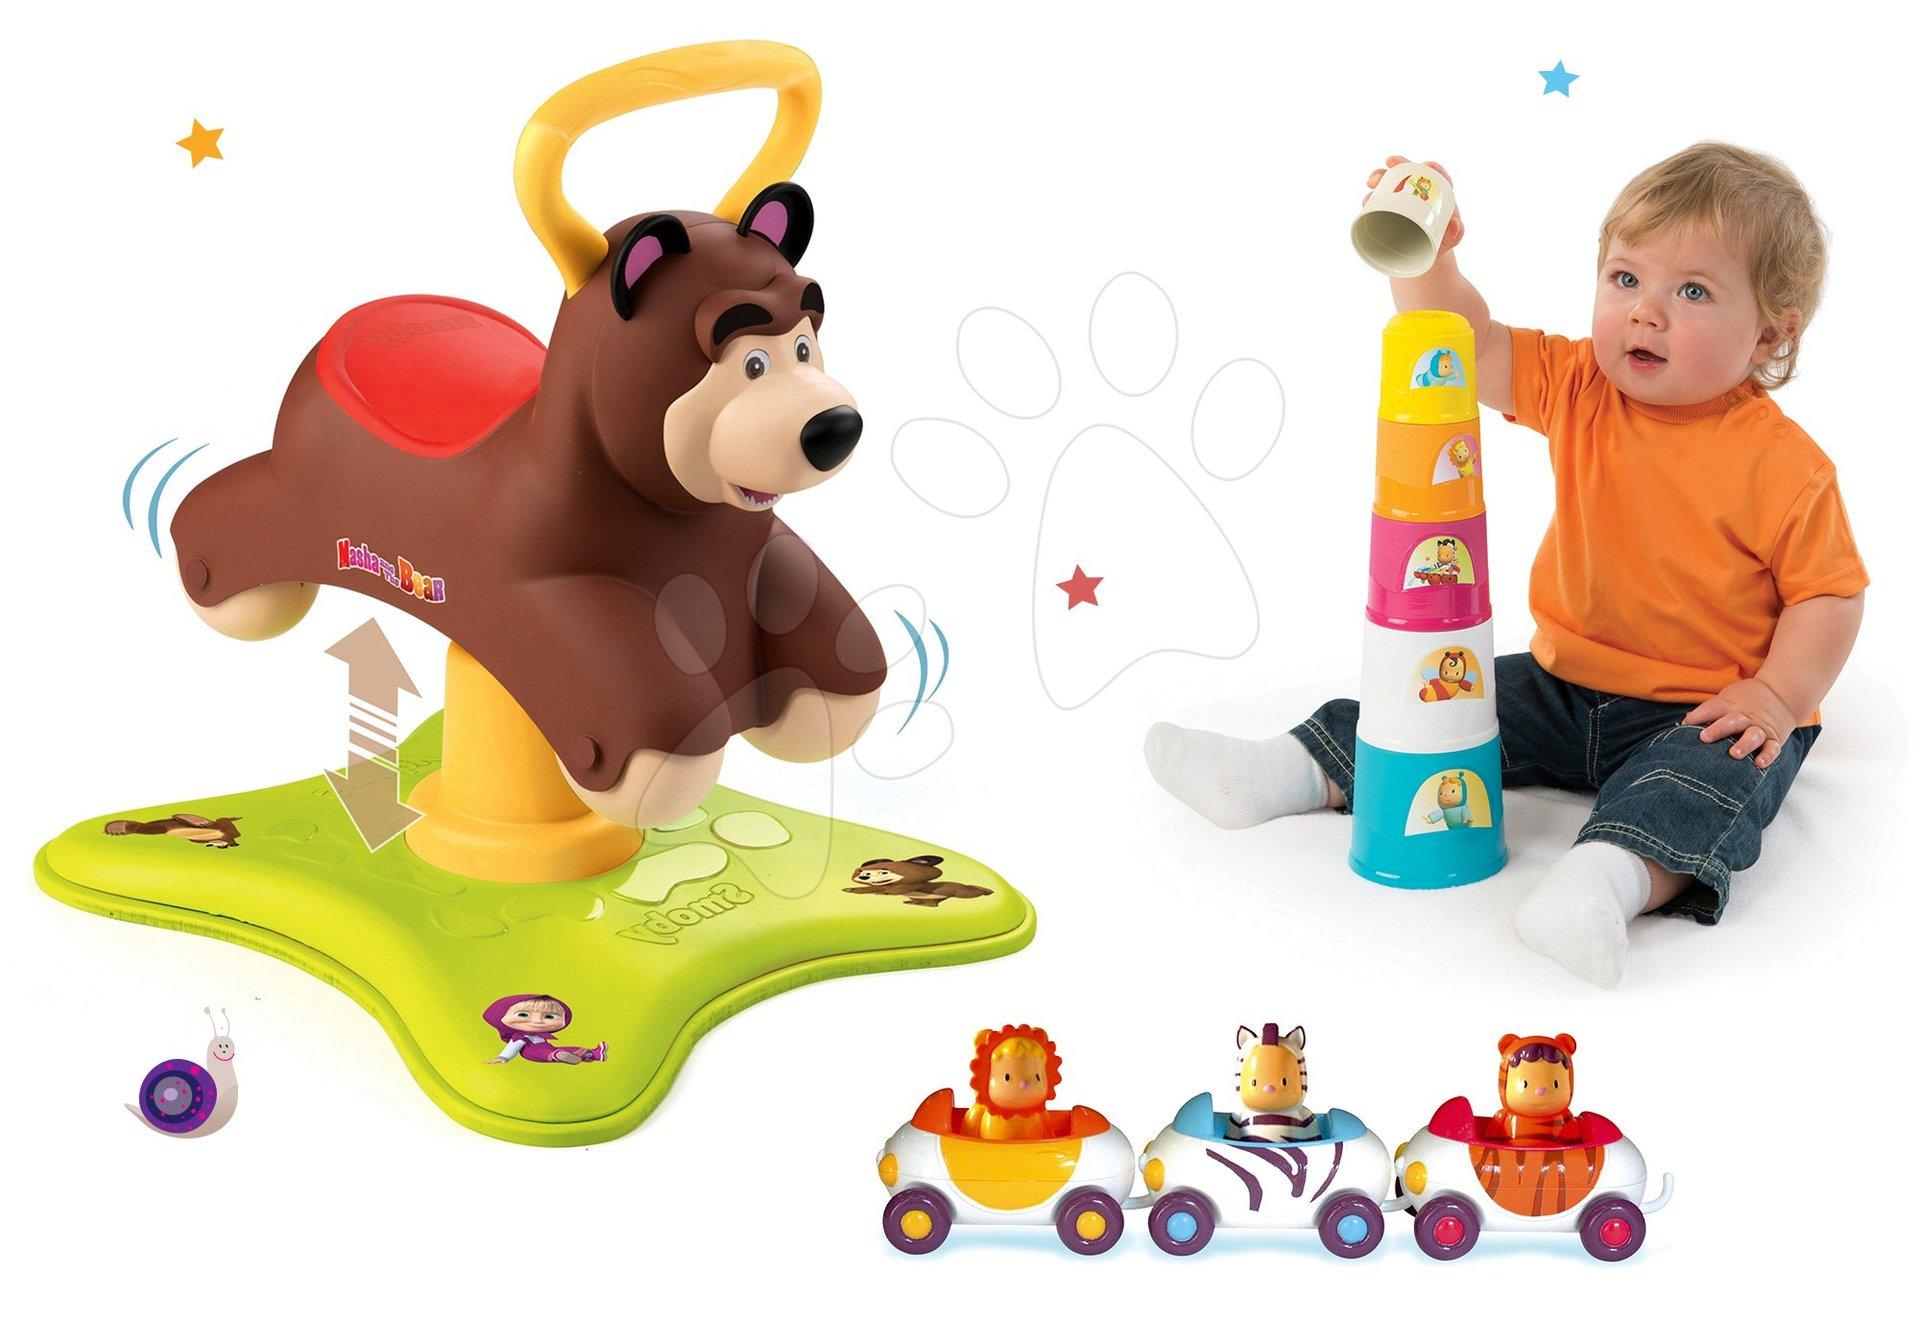 Set odrážedlo Medvěd 2v1 Smoby skákající a točící a 3 autíčka Imagin Car Cotoons od 12 měsíců